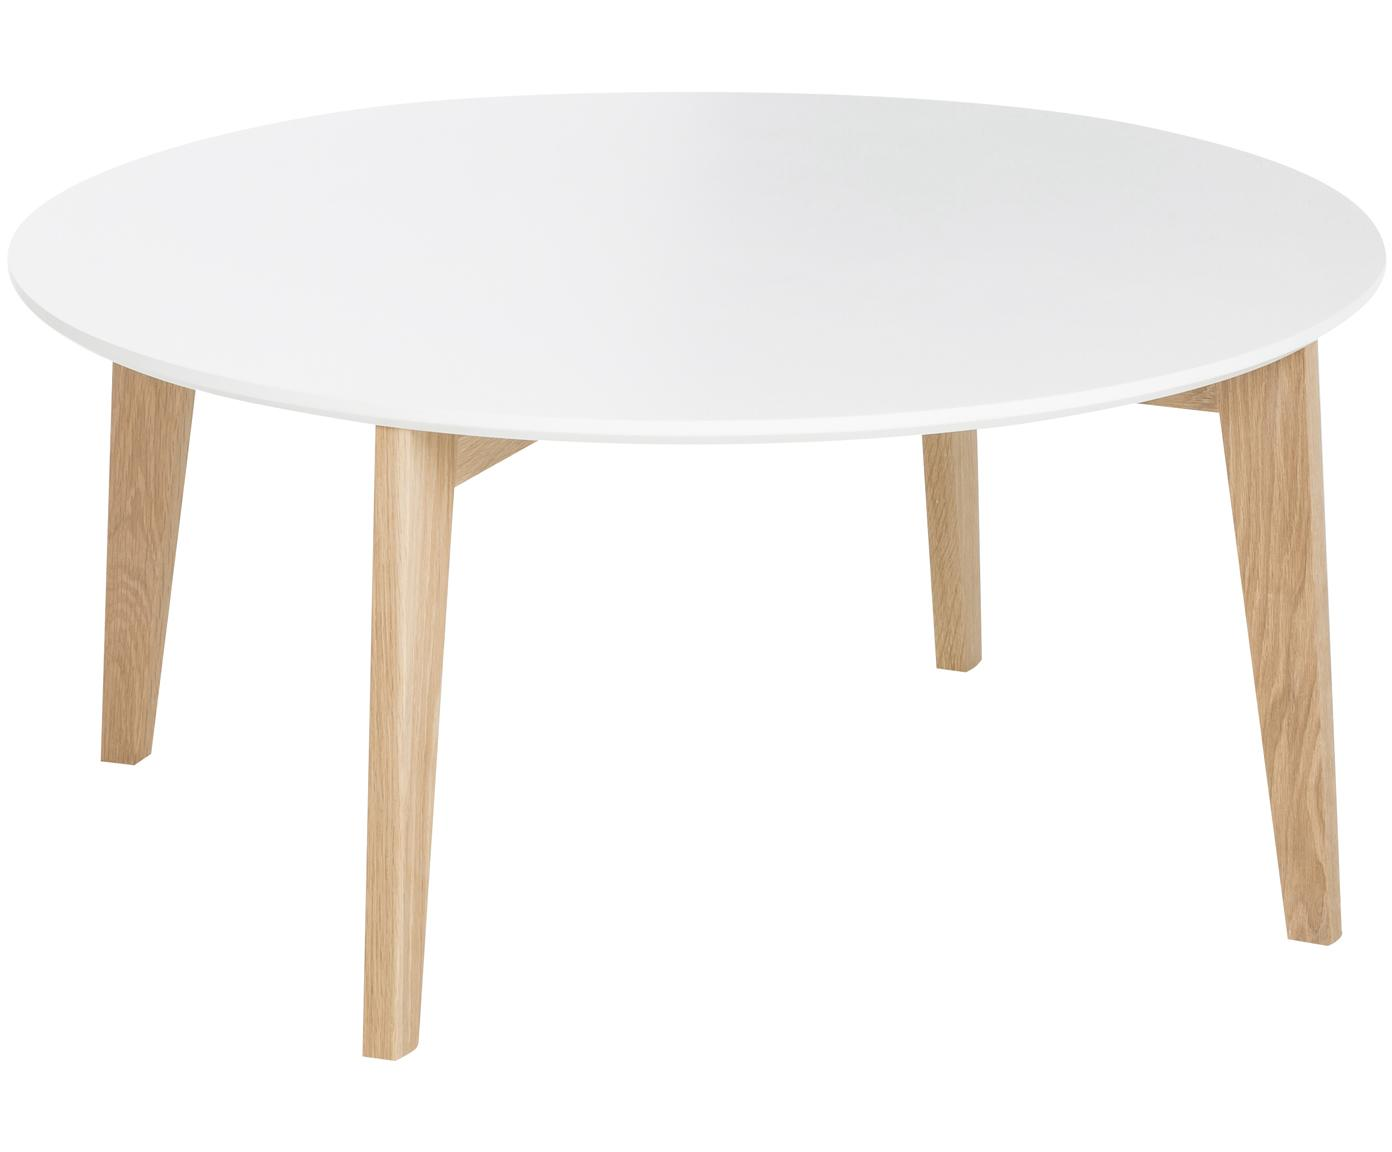 Tavolino da salotto rotondo scandi Lucas, Piano d'appoggio: pannello di fibra a media, Gambe: legno di quercia, Bianco, legno di quercia, Ø 90 x Alt. 42 cm